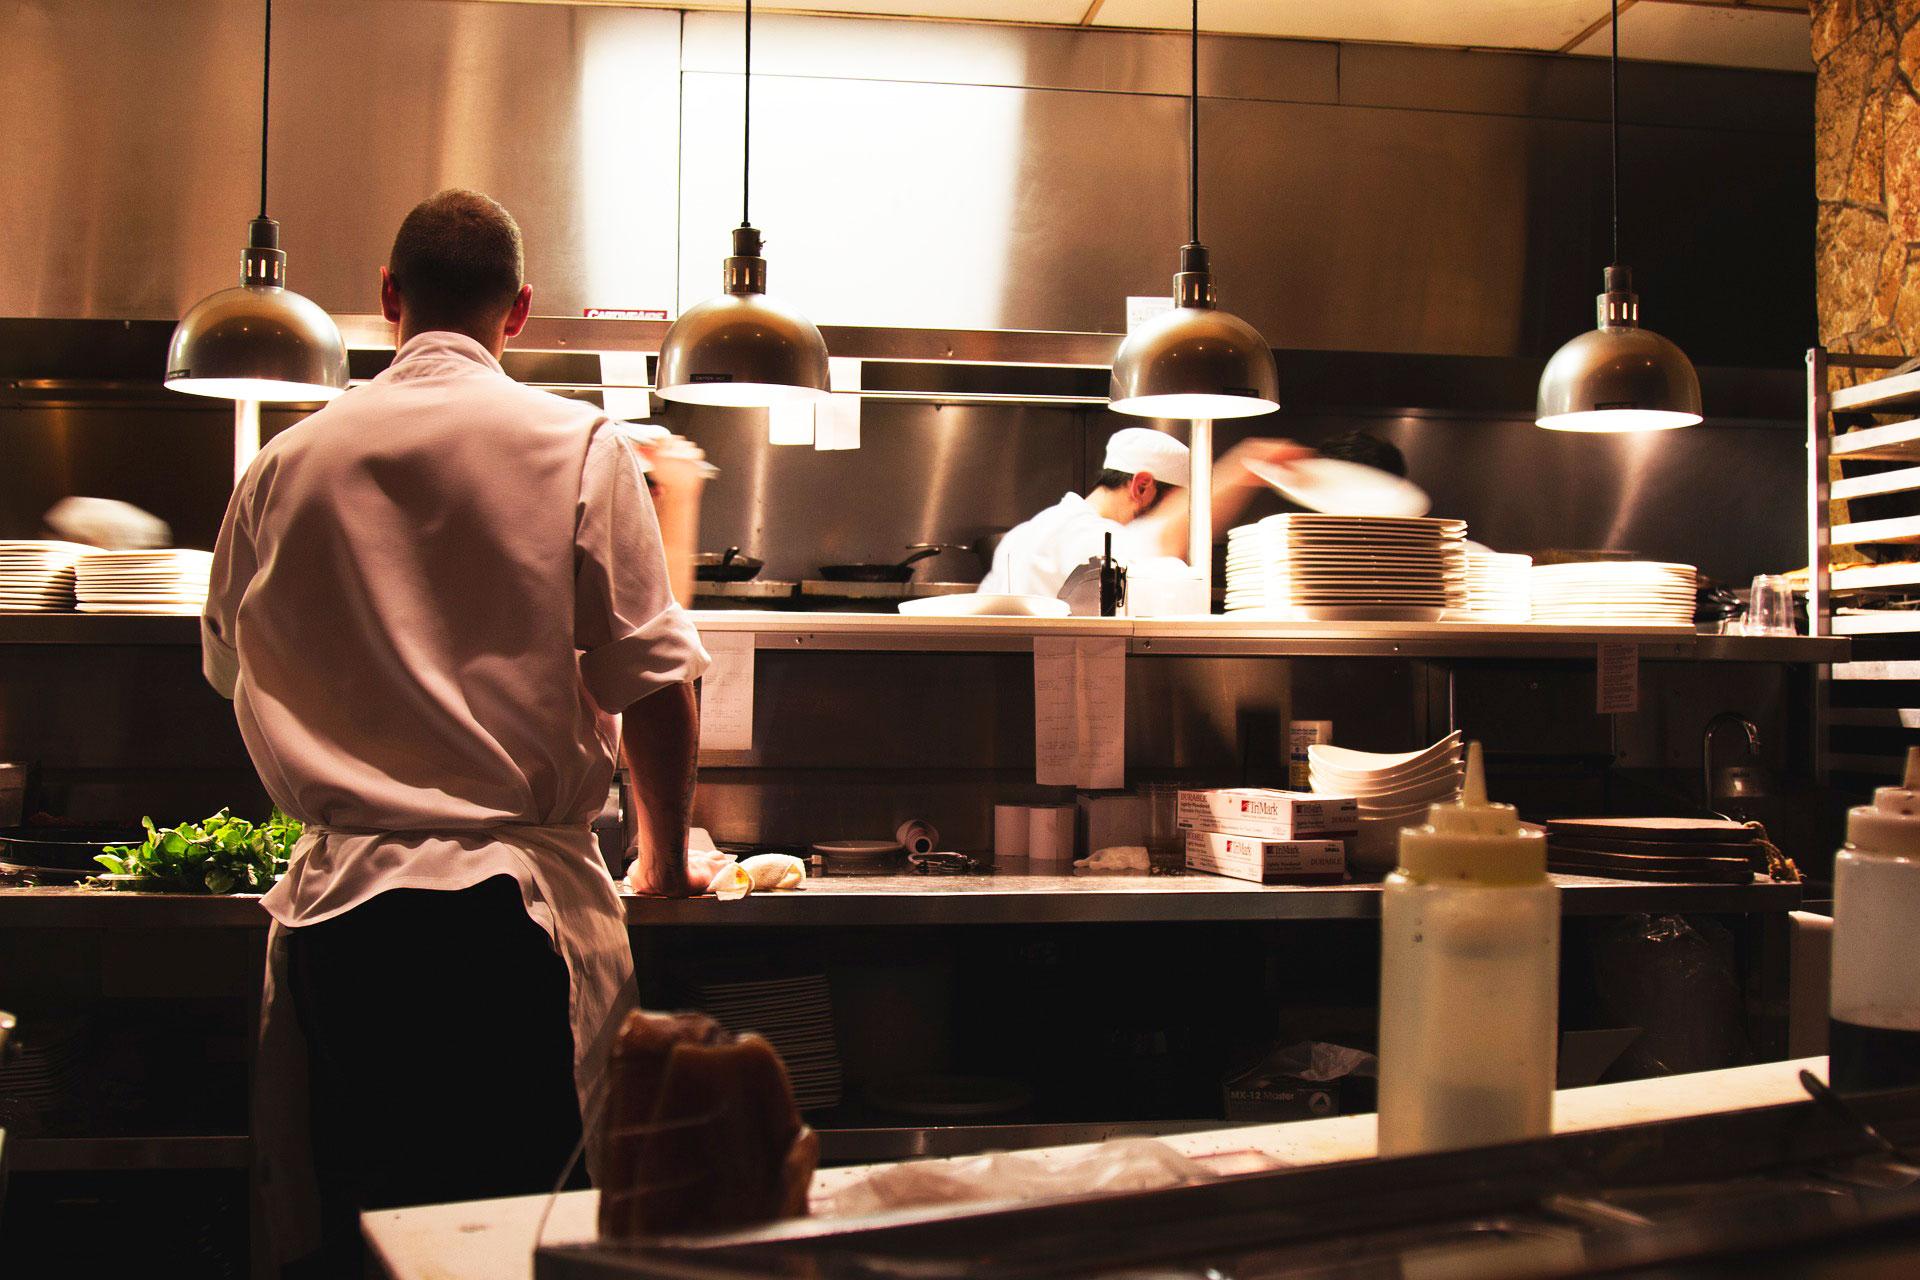 kitchen-731351_1920-brillo-ok